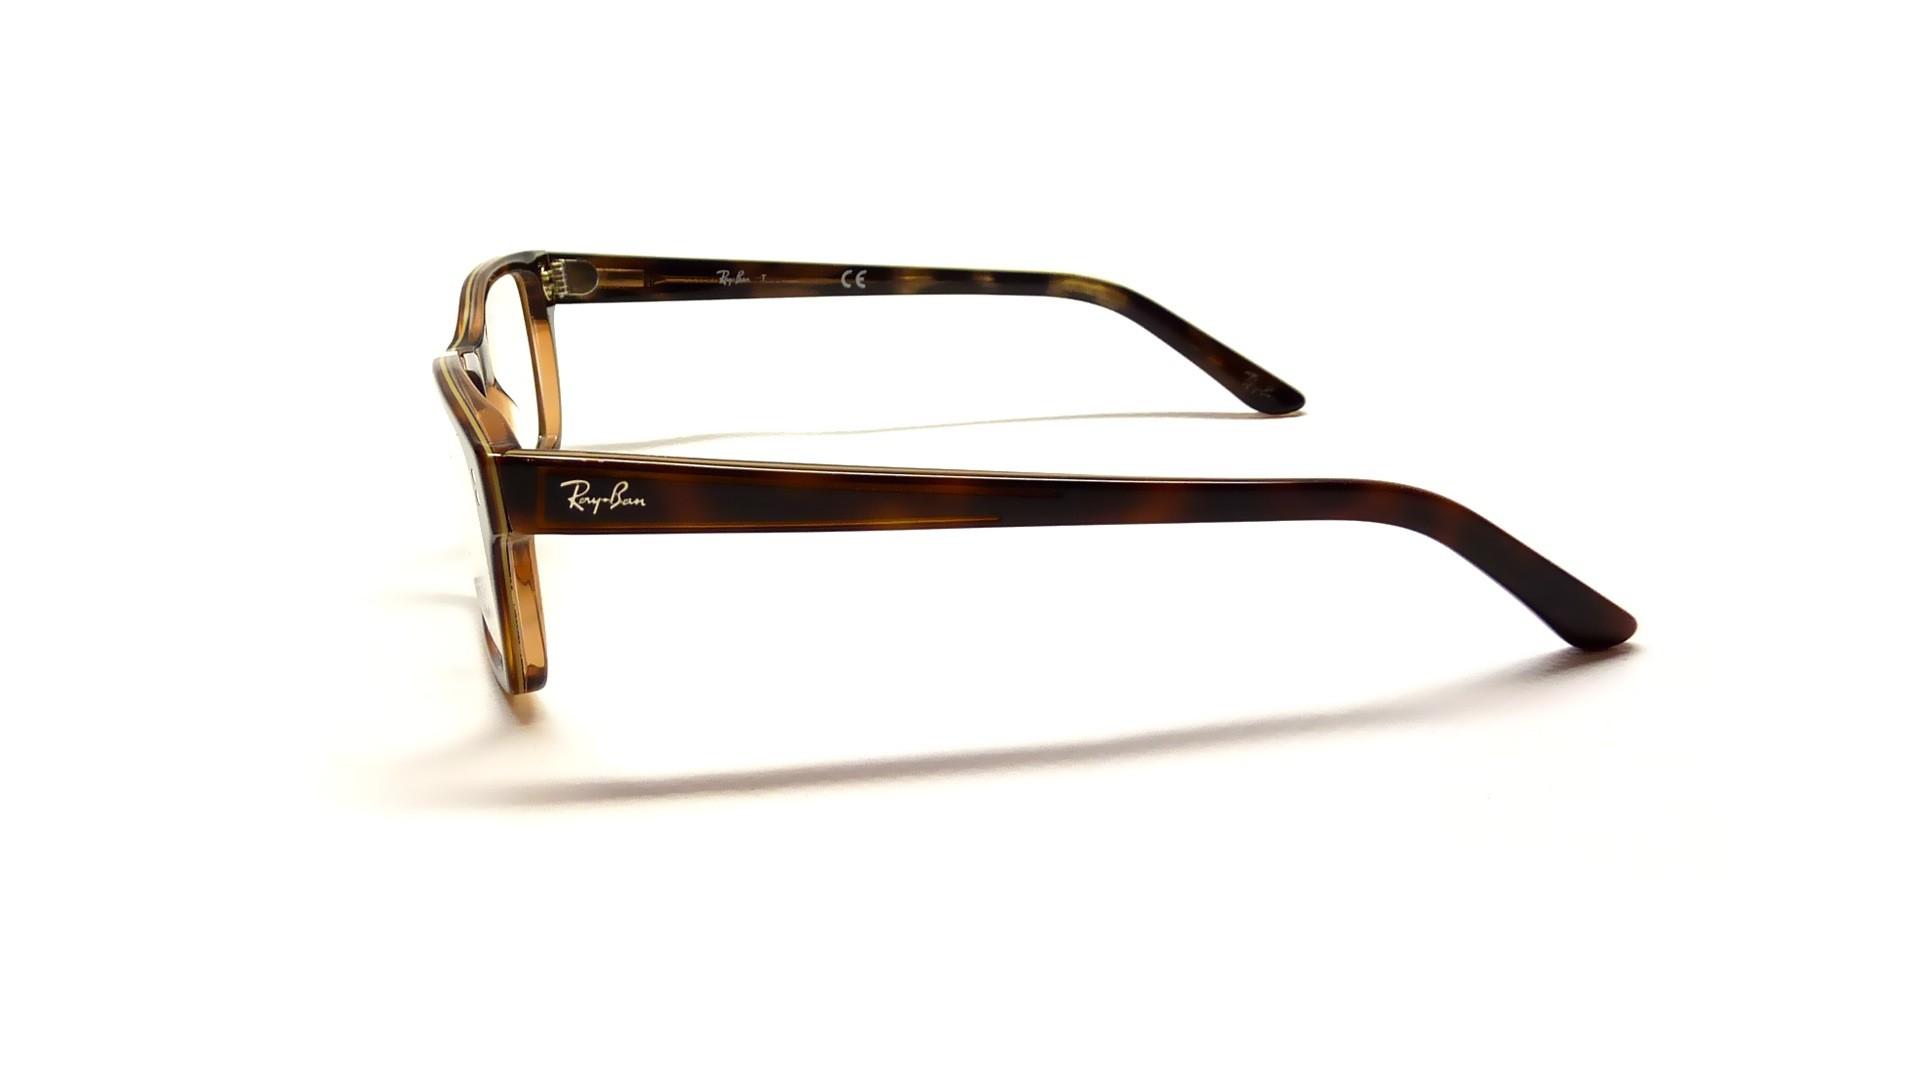 f4d3209cf1 Ray Ban Glasses 5225